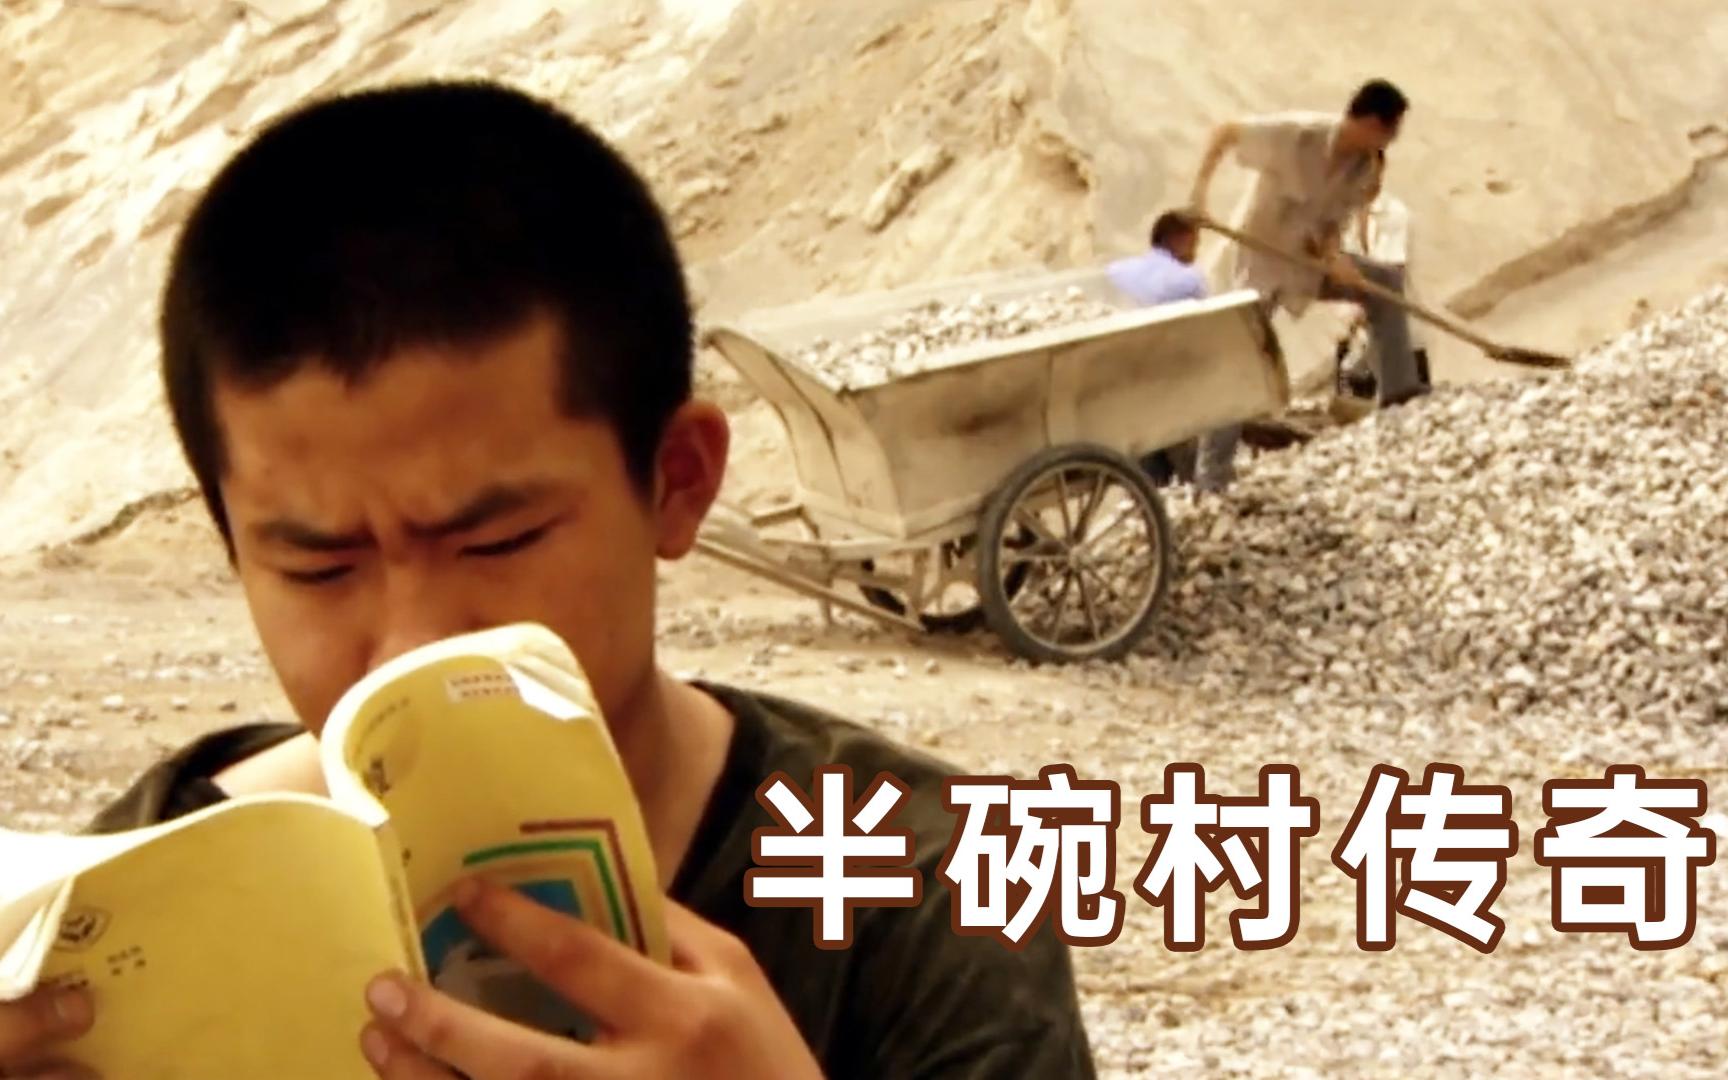 被人看不起的农村娃,却为中国拿下世界冠军!高分催泪励志电影